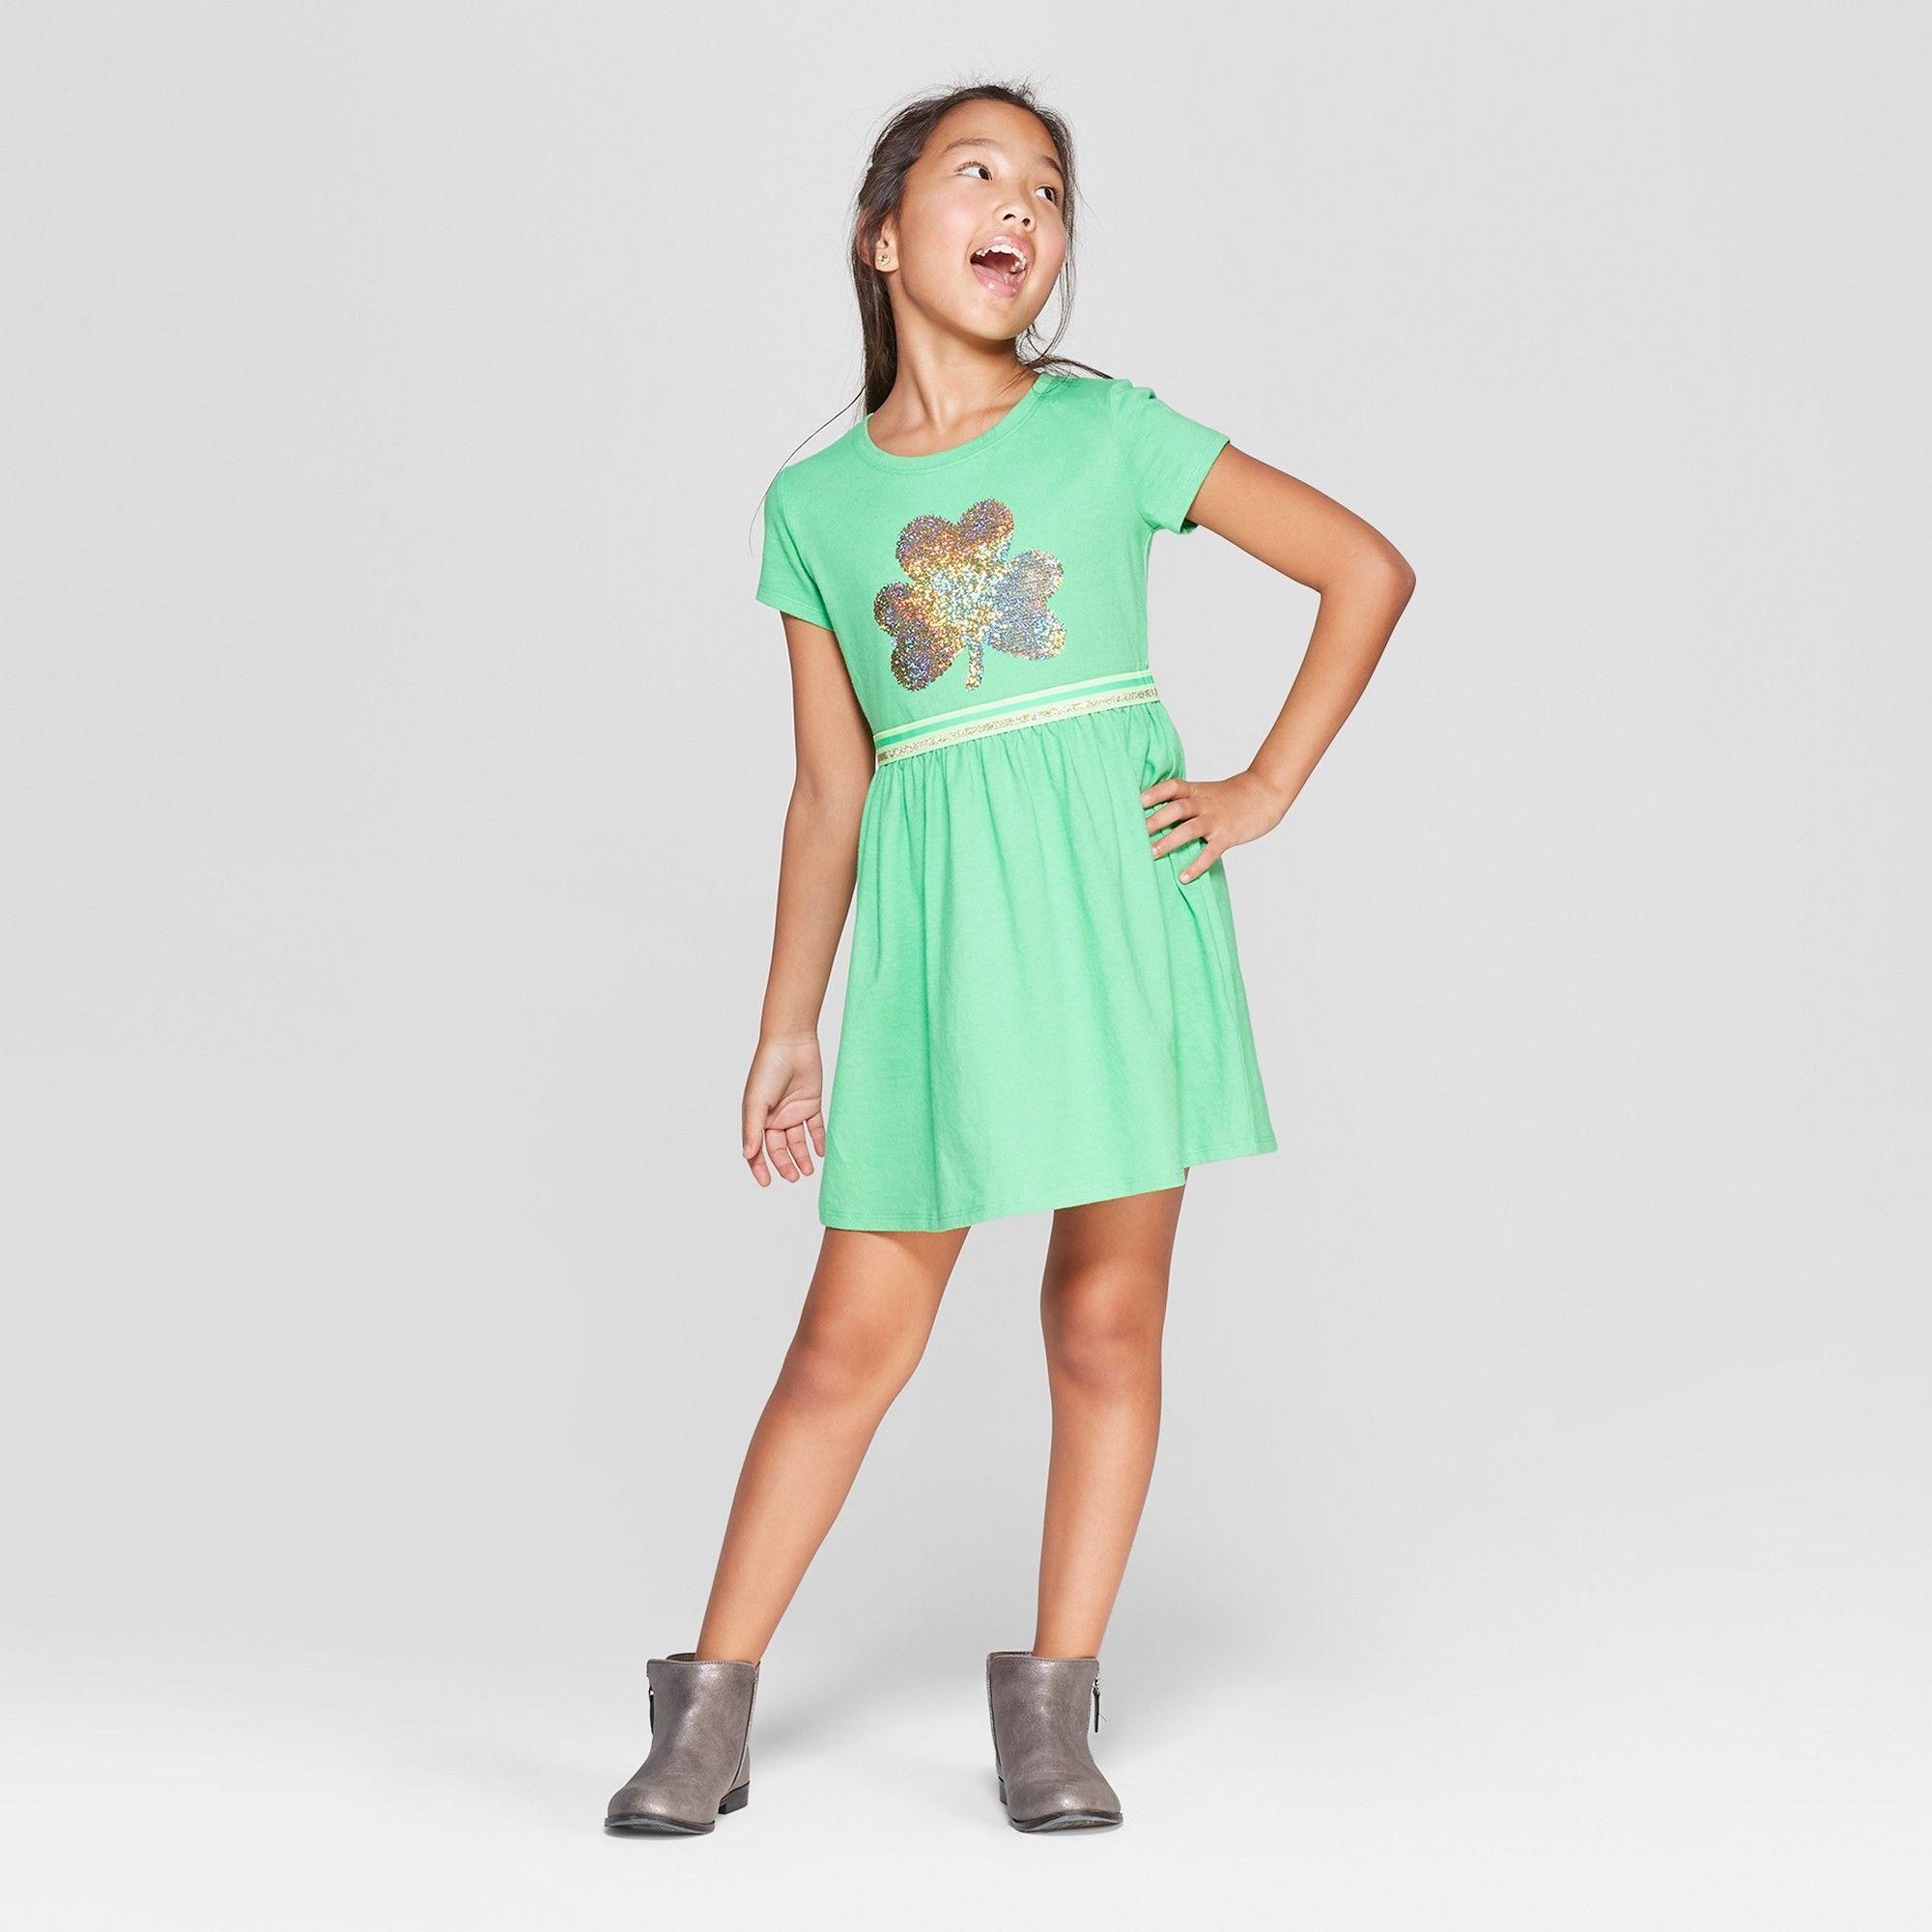 fecb531a4cb Girls  Flip Sequins Shamrock Dress - Cat   Jack Light Green XS ...